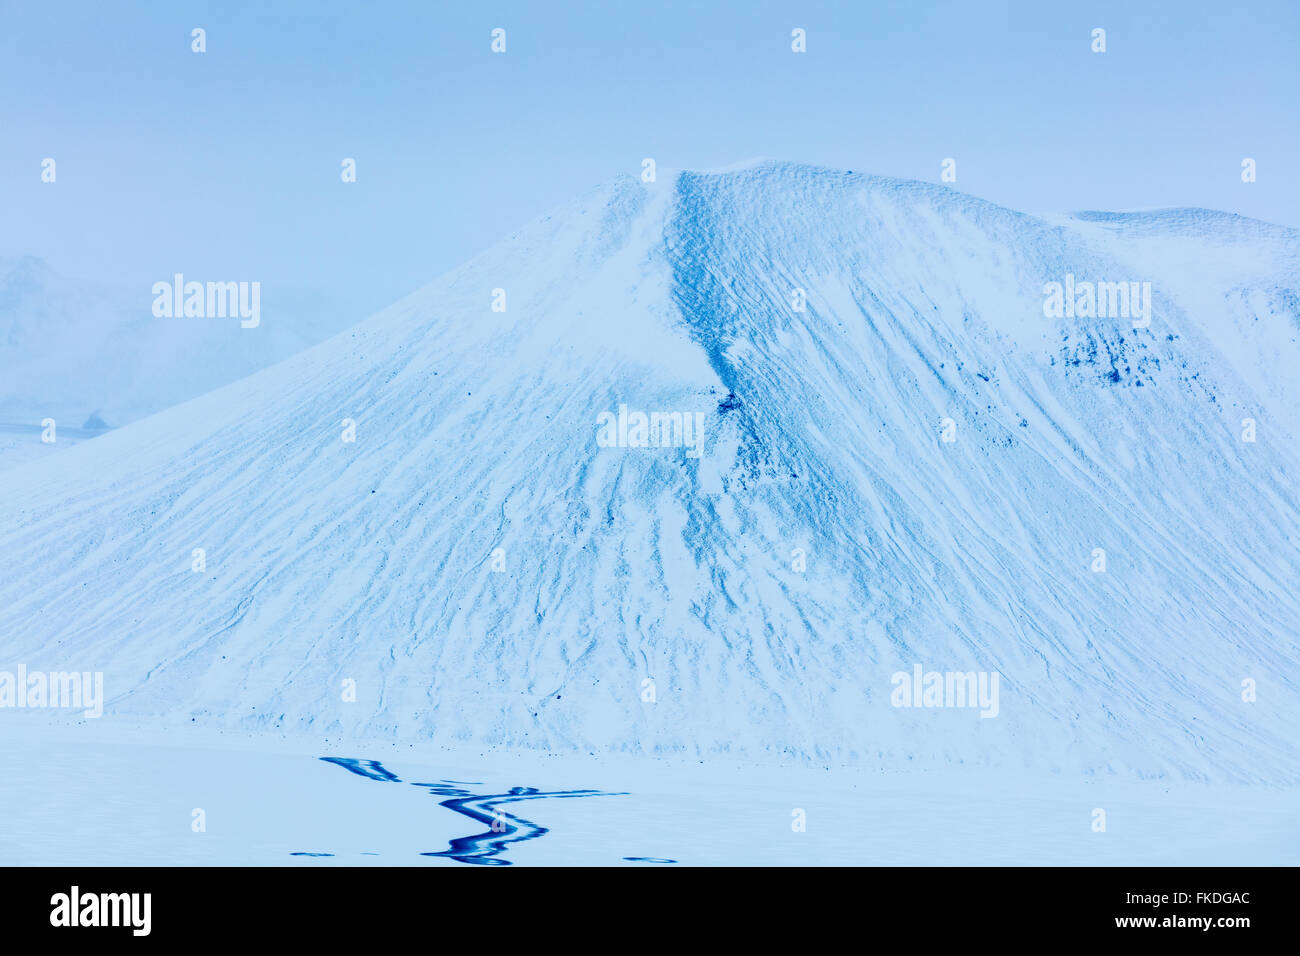 Iceland - Stock Image